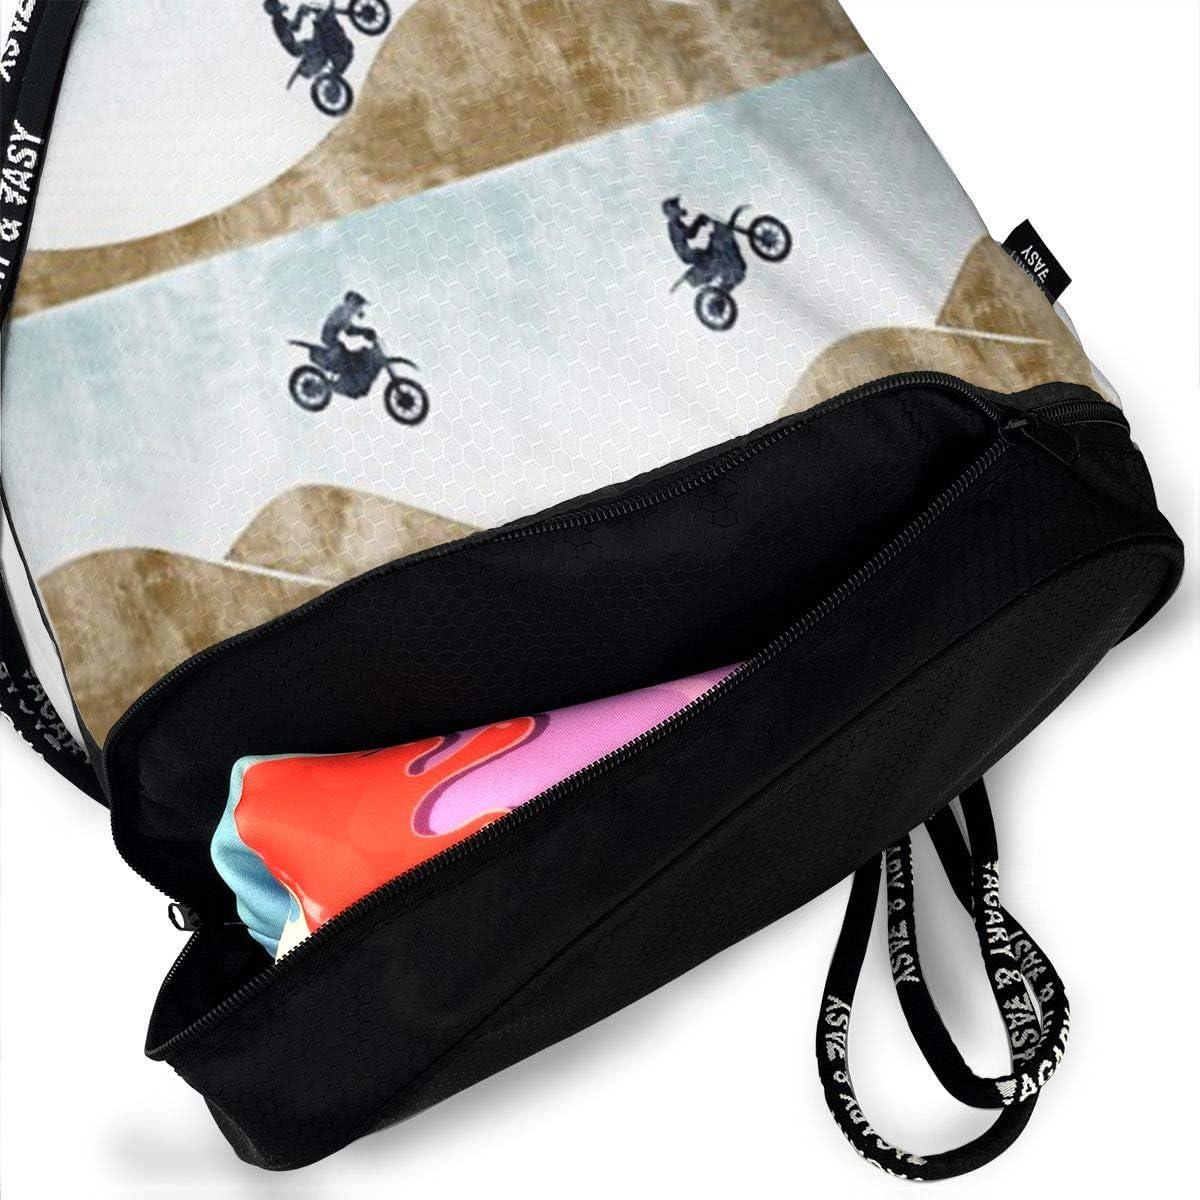 HUOPR5Q French Bulldog Drawstring Backpack Sport Gym Sack Shoulder Bulk Bag Dance Bag for School Travel